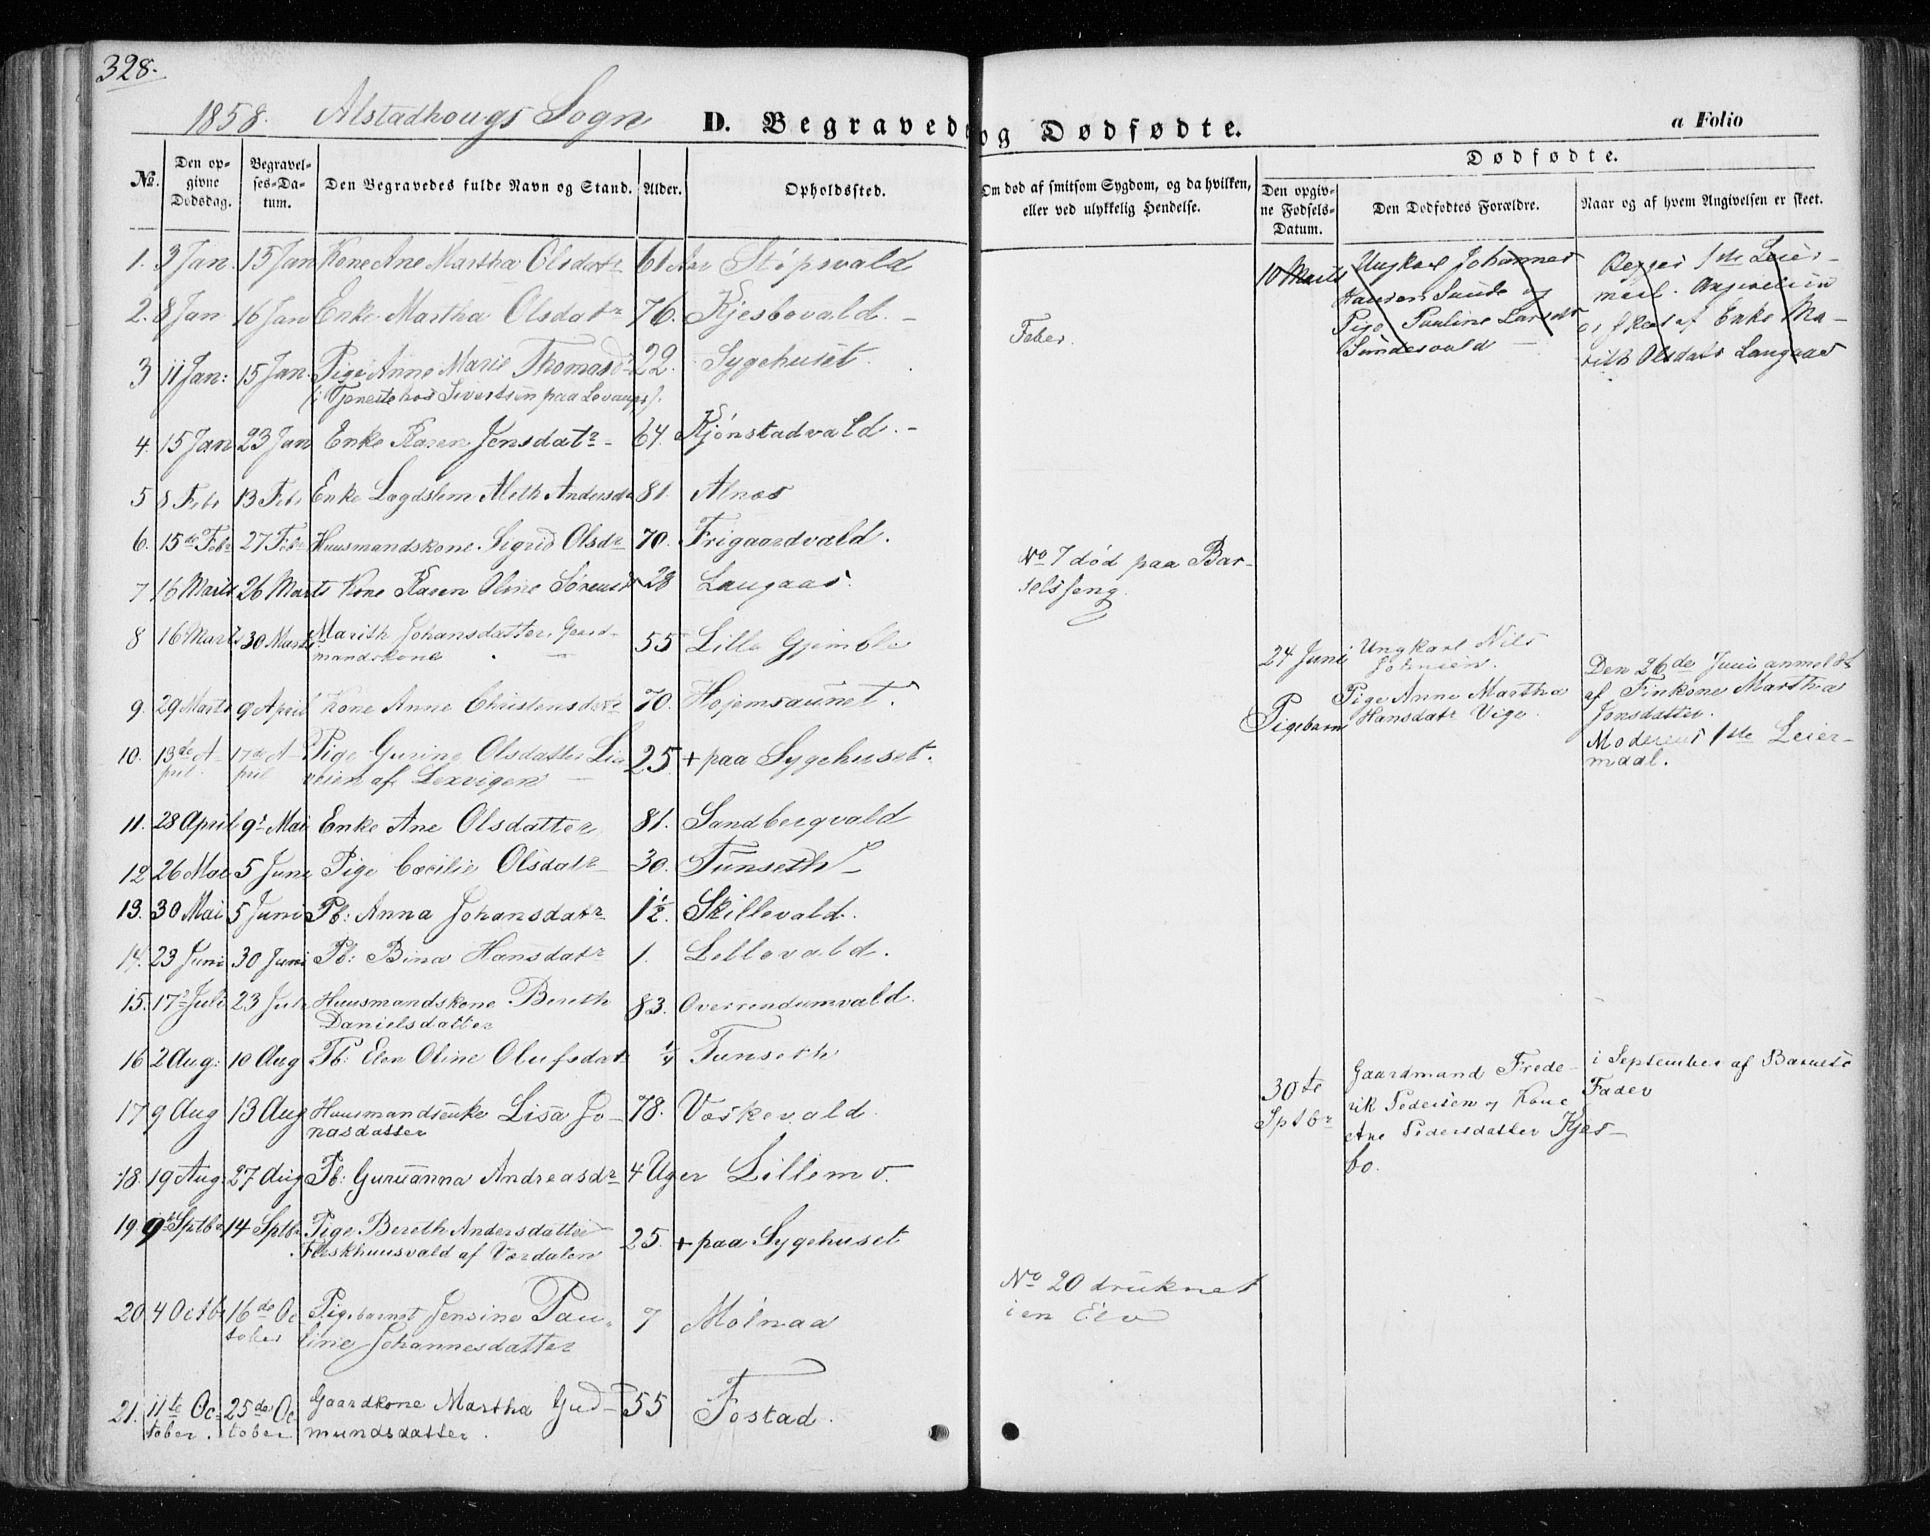 SAT, Ministerialprotokoller, klokkerbøker og fødselsregistre - Nord-Trøndelag, 717/L0154: Ministerialbok nr. 717A07 /1, 1850-1862, s. 328